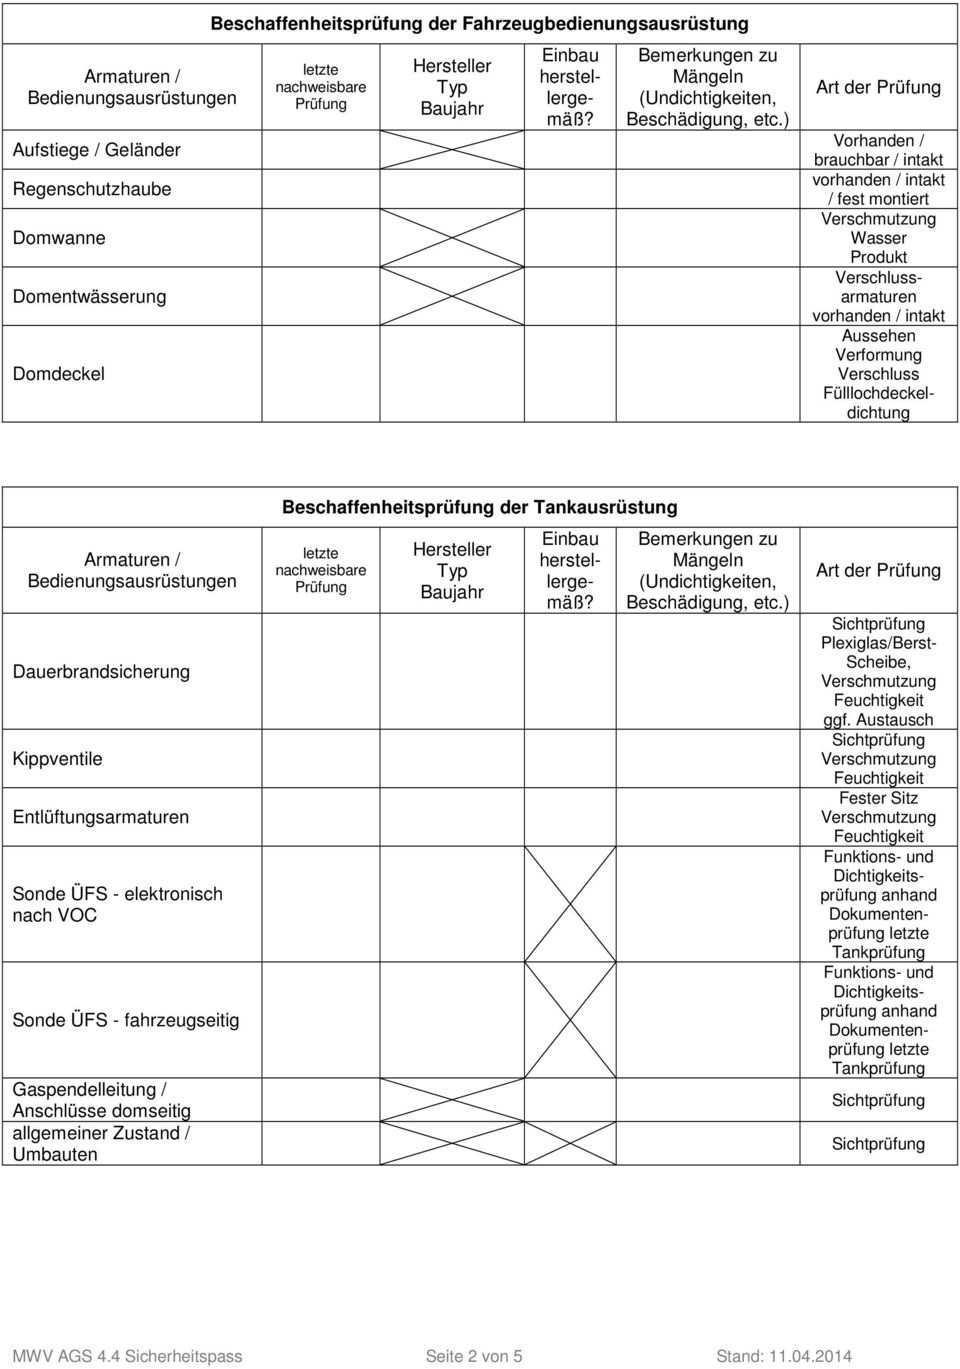 Muster Checkliste Zur Betreiberbescheinigung Checkliste Zur Uberprufung Der Be Und Entladeinrichtungen Gemass Betreiberbescheinigung Pdf Kostenfreier Download